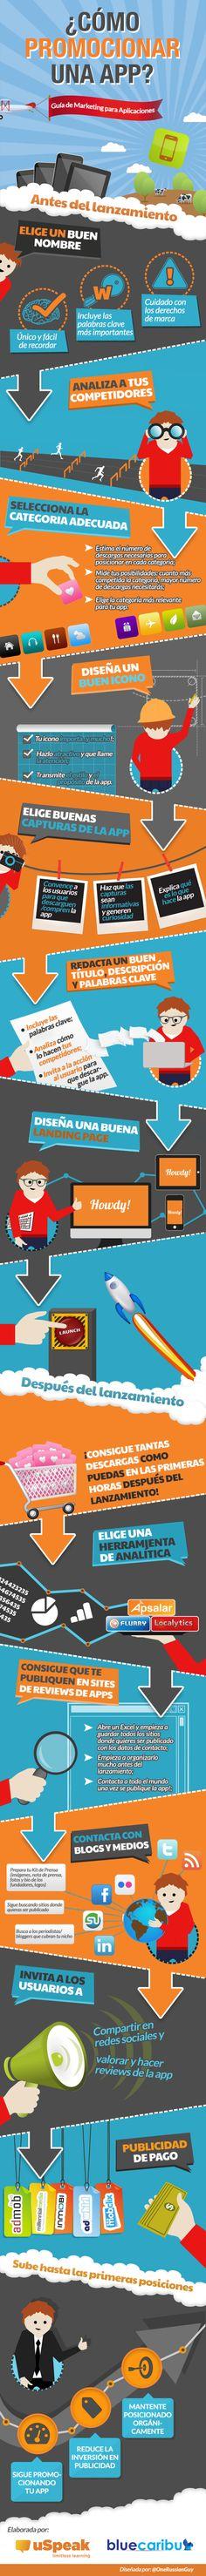 Guía de Márketing para Apps móviles (infografía)